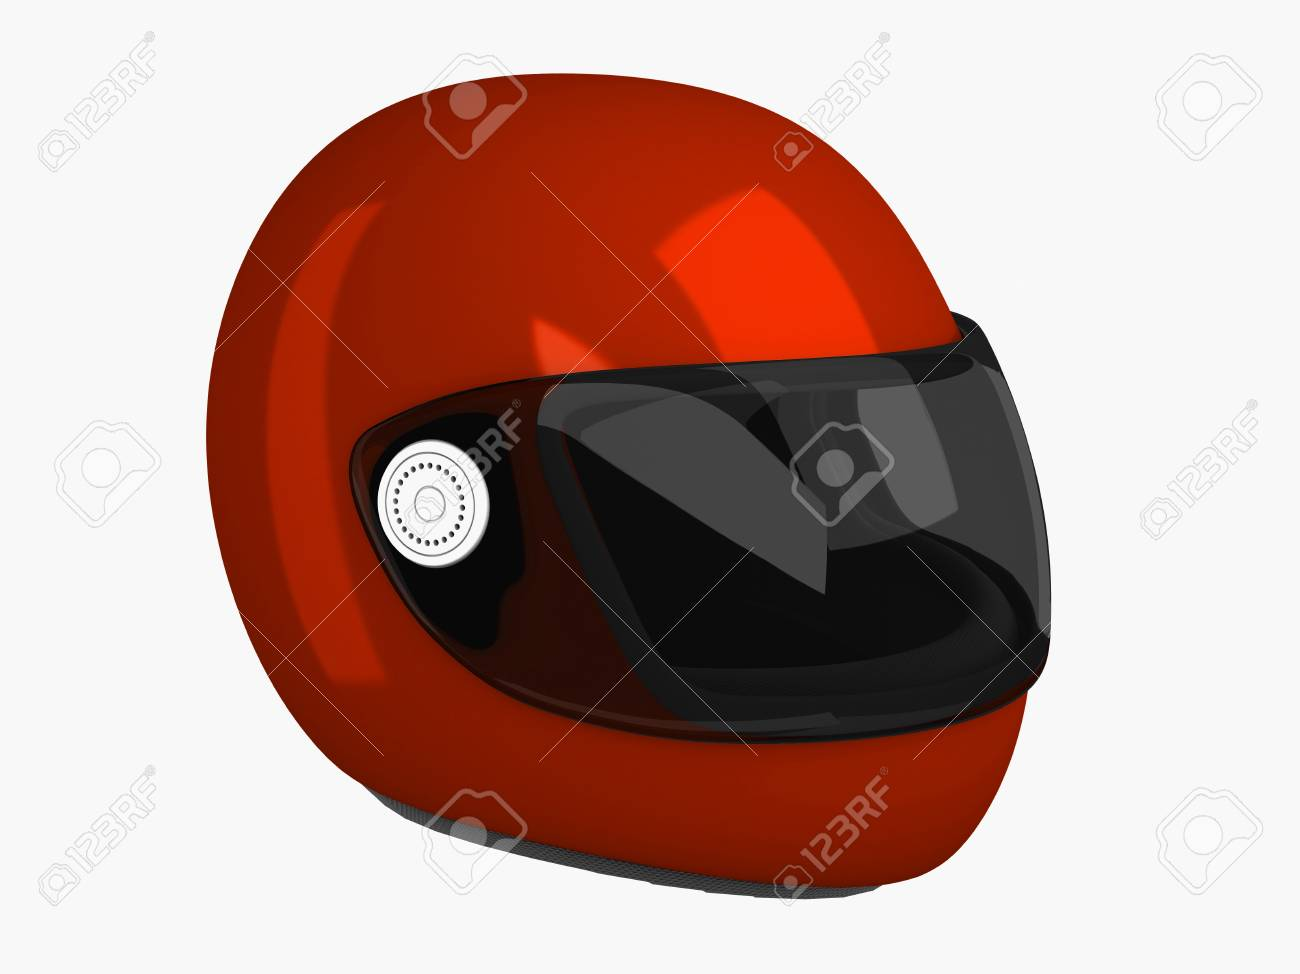 Casque moto 3d